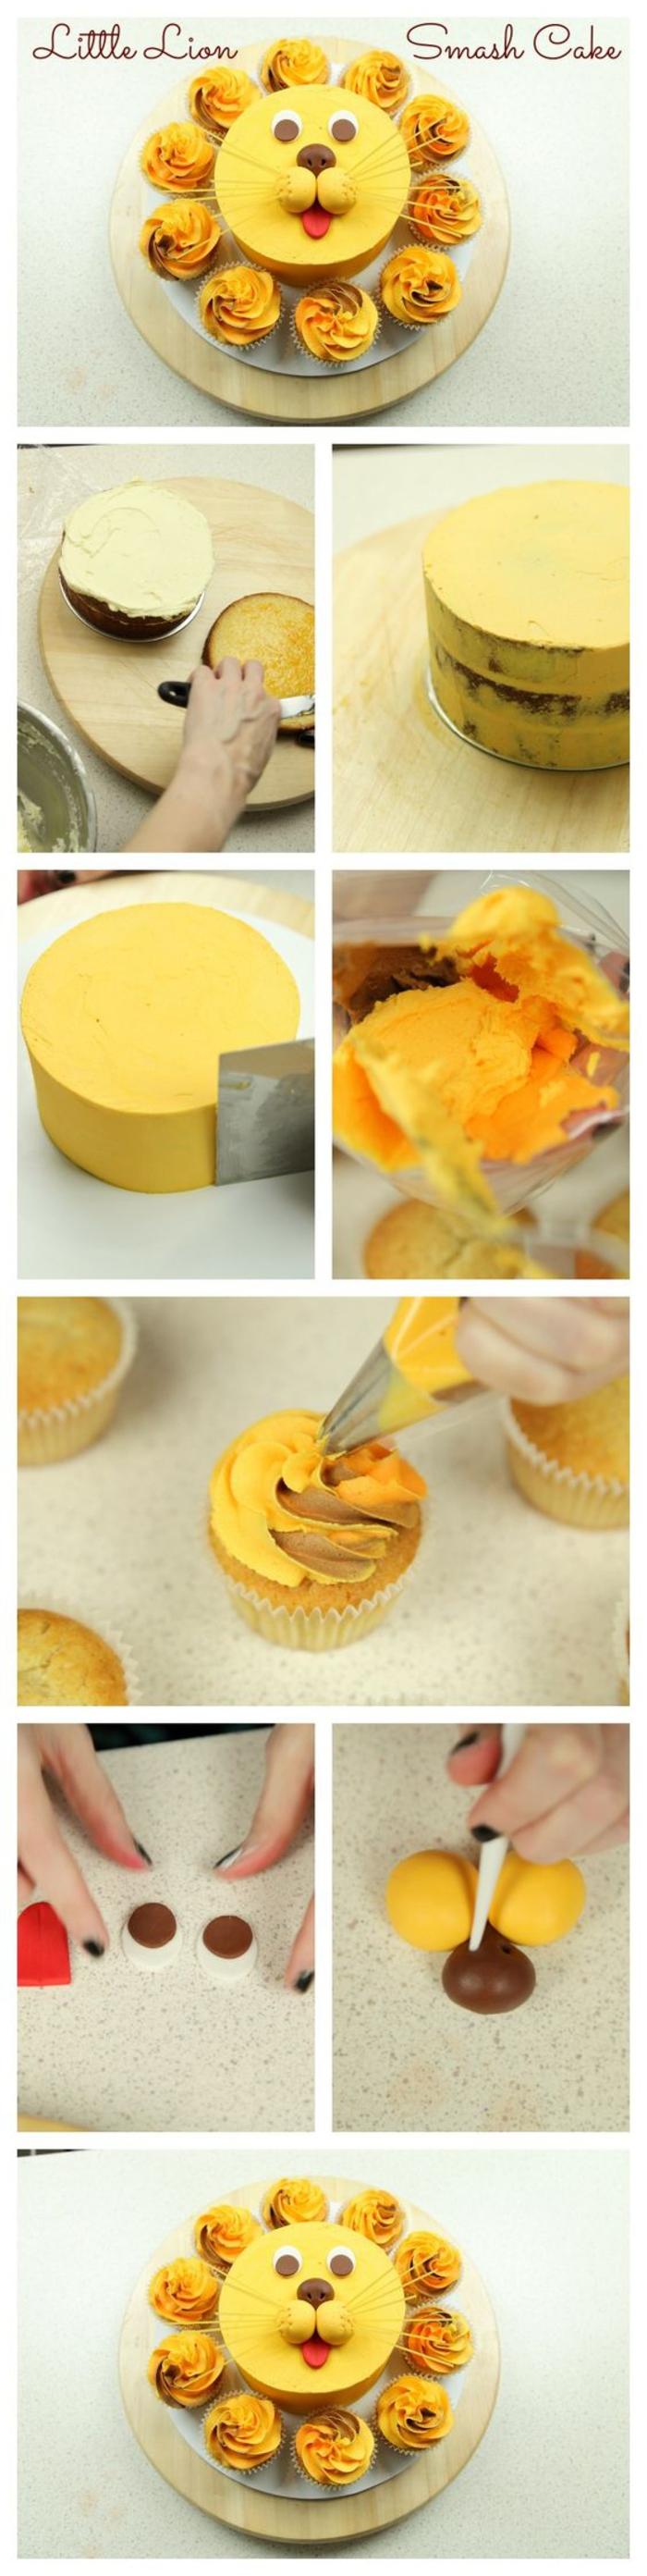 idée originale pour une décoration anniversaire thématique, gâteau en forme de lion réalisé avec des cupcakes